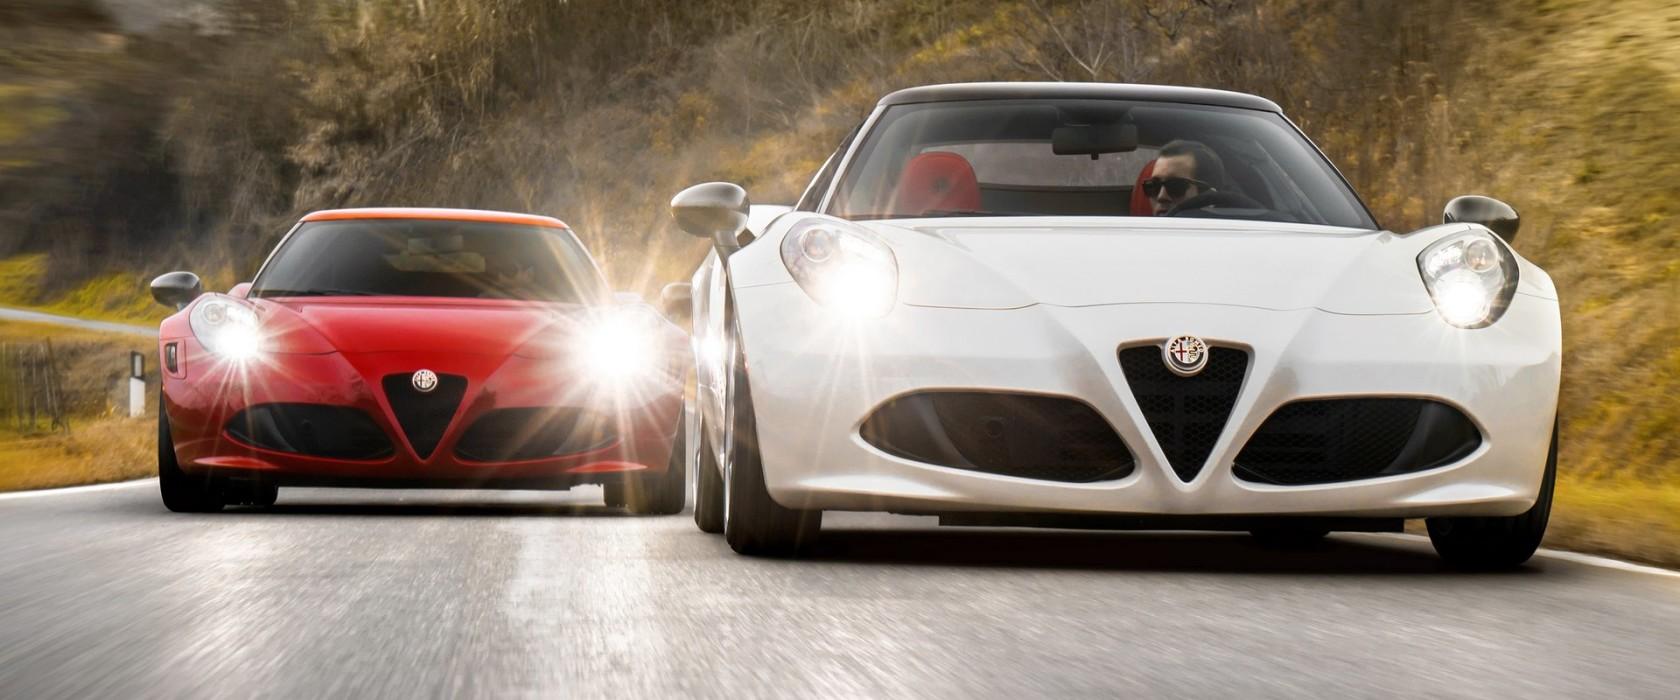 2016 Alfa Romeo 4C (left) and Alfa Romeo 4C Spider (right)